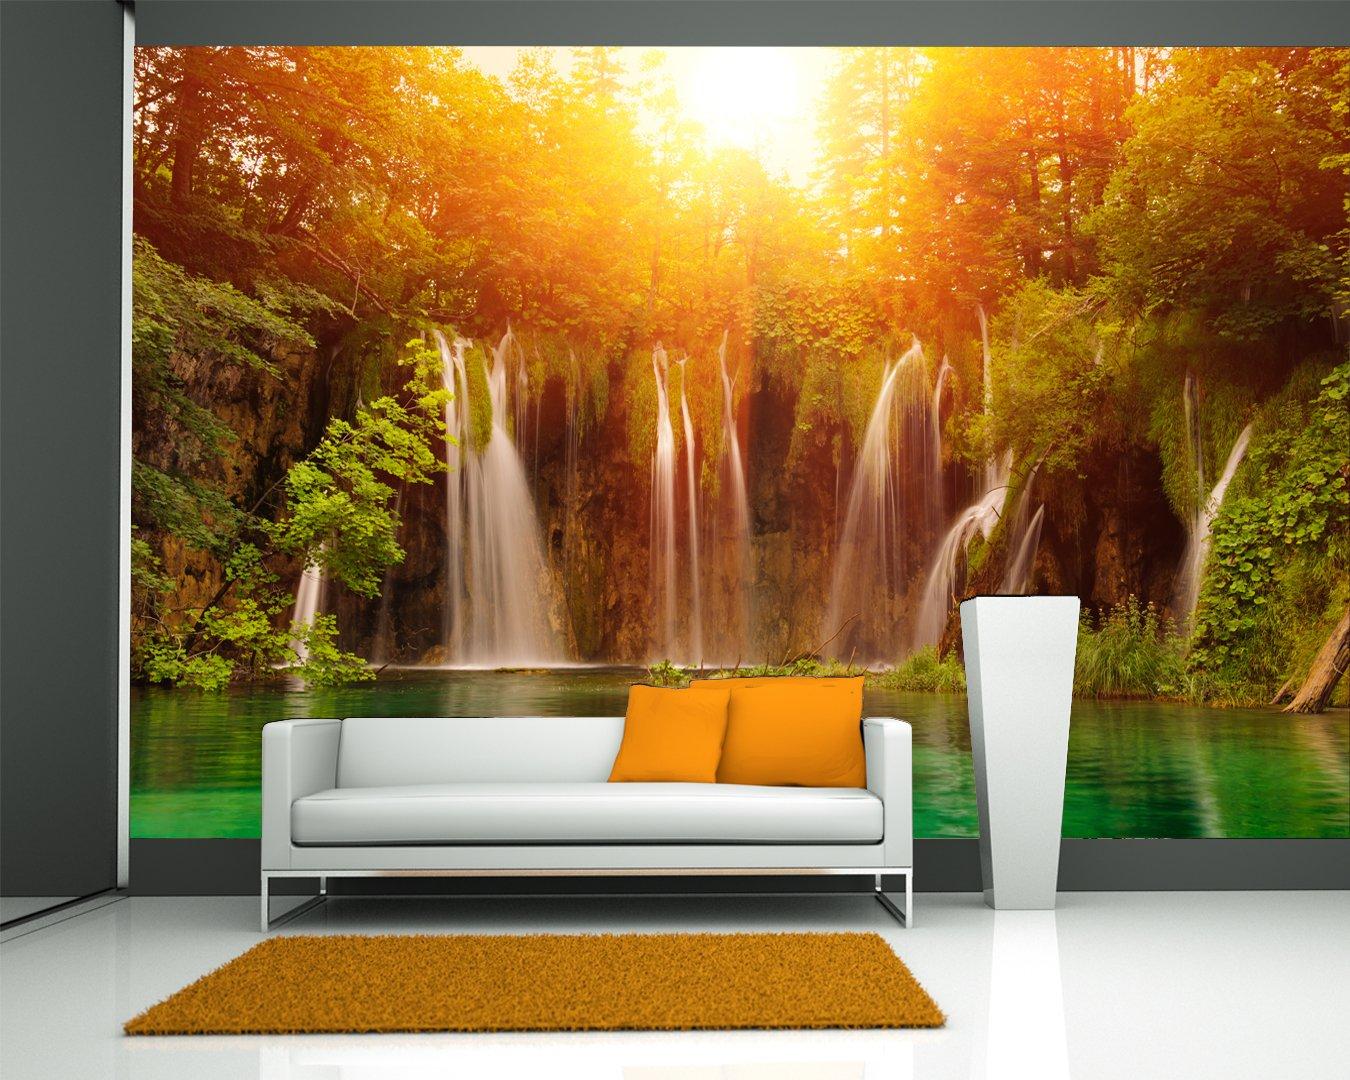 Selbstklebende Fototapete - Wasserfall, Plitvice Kroatien - 230x150 cm - Wandtapete – Poster – Dekoration – Wandbild – Wandposter - Bild – Wandbilder - Wanddeko